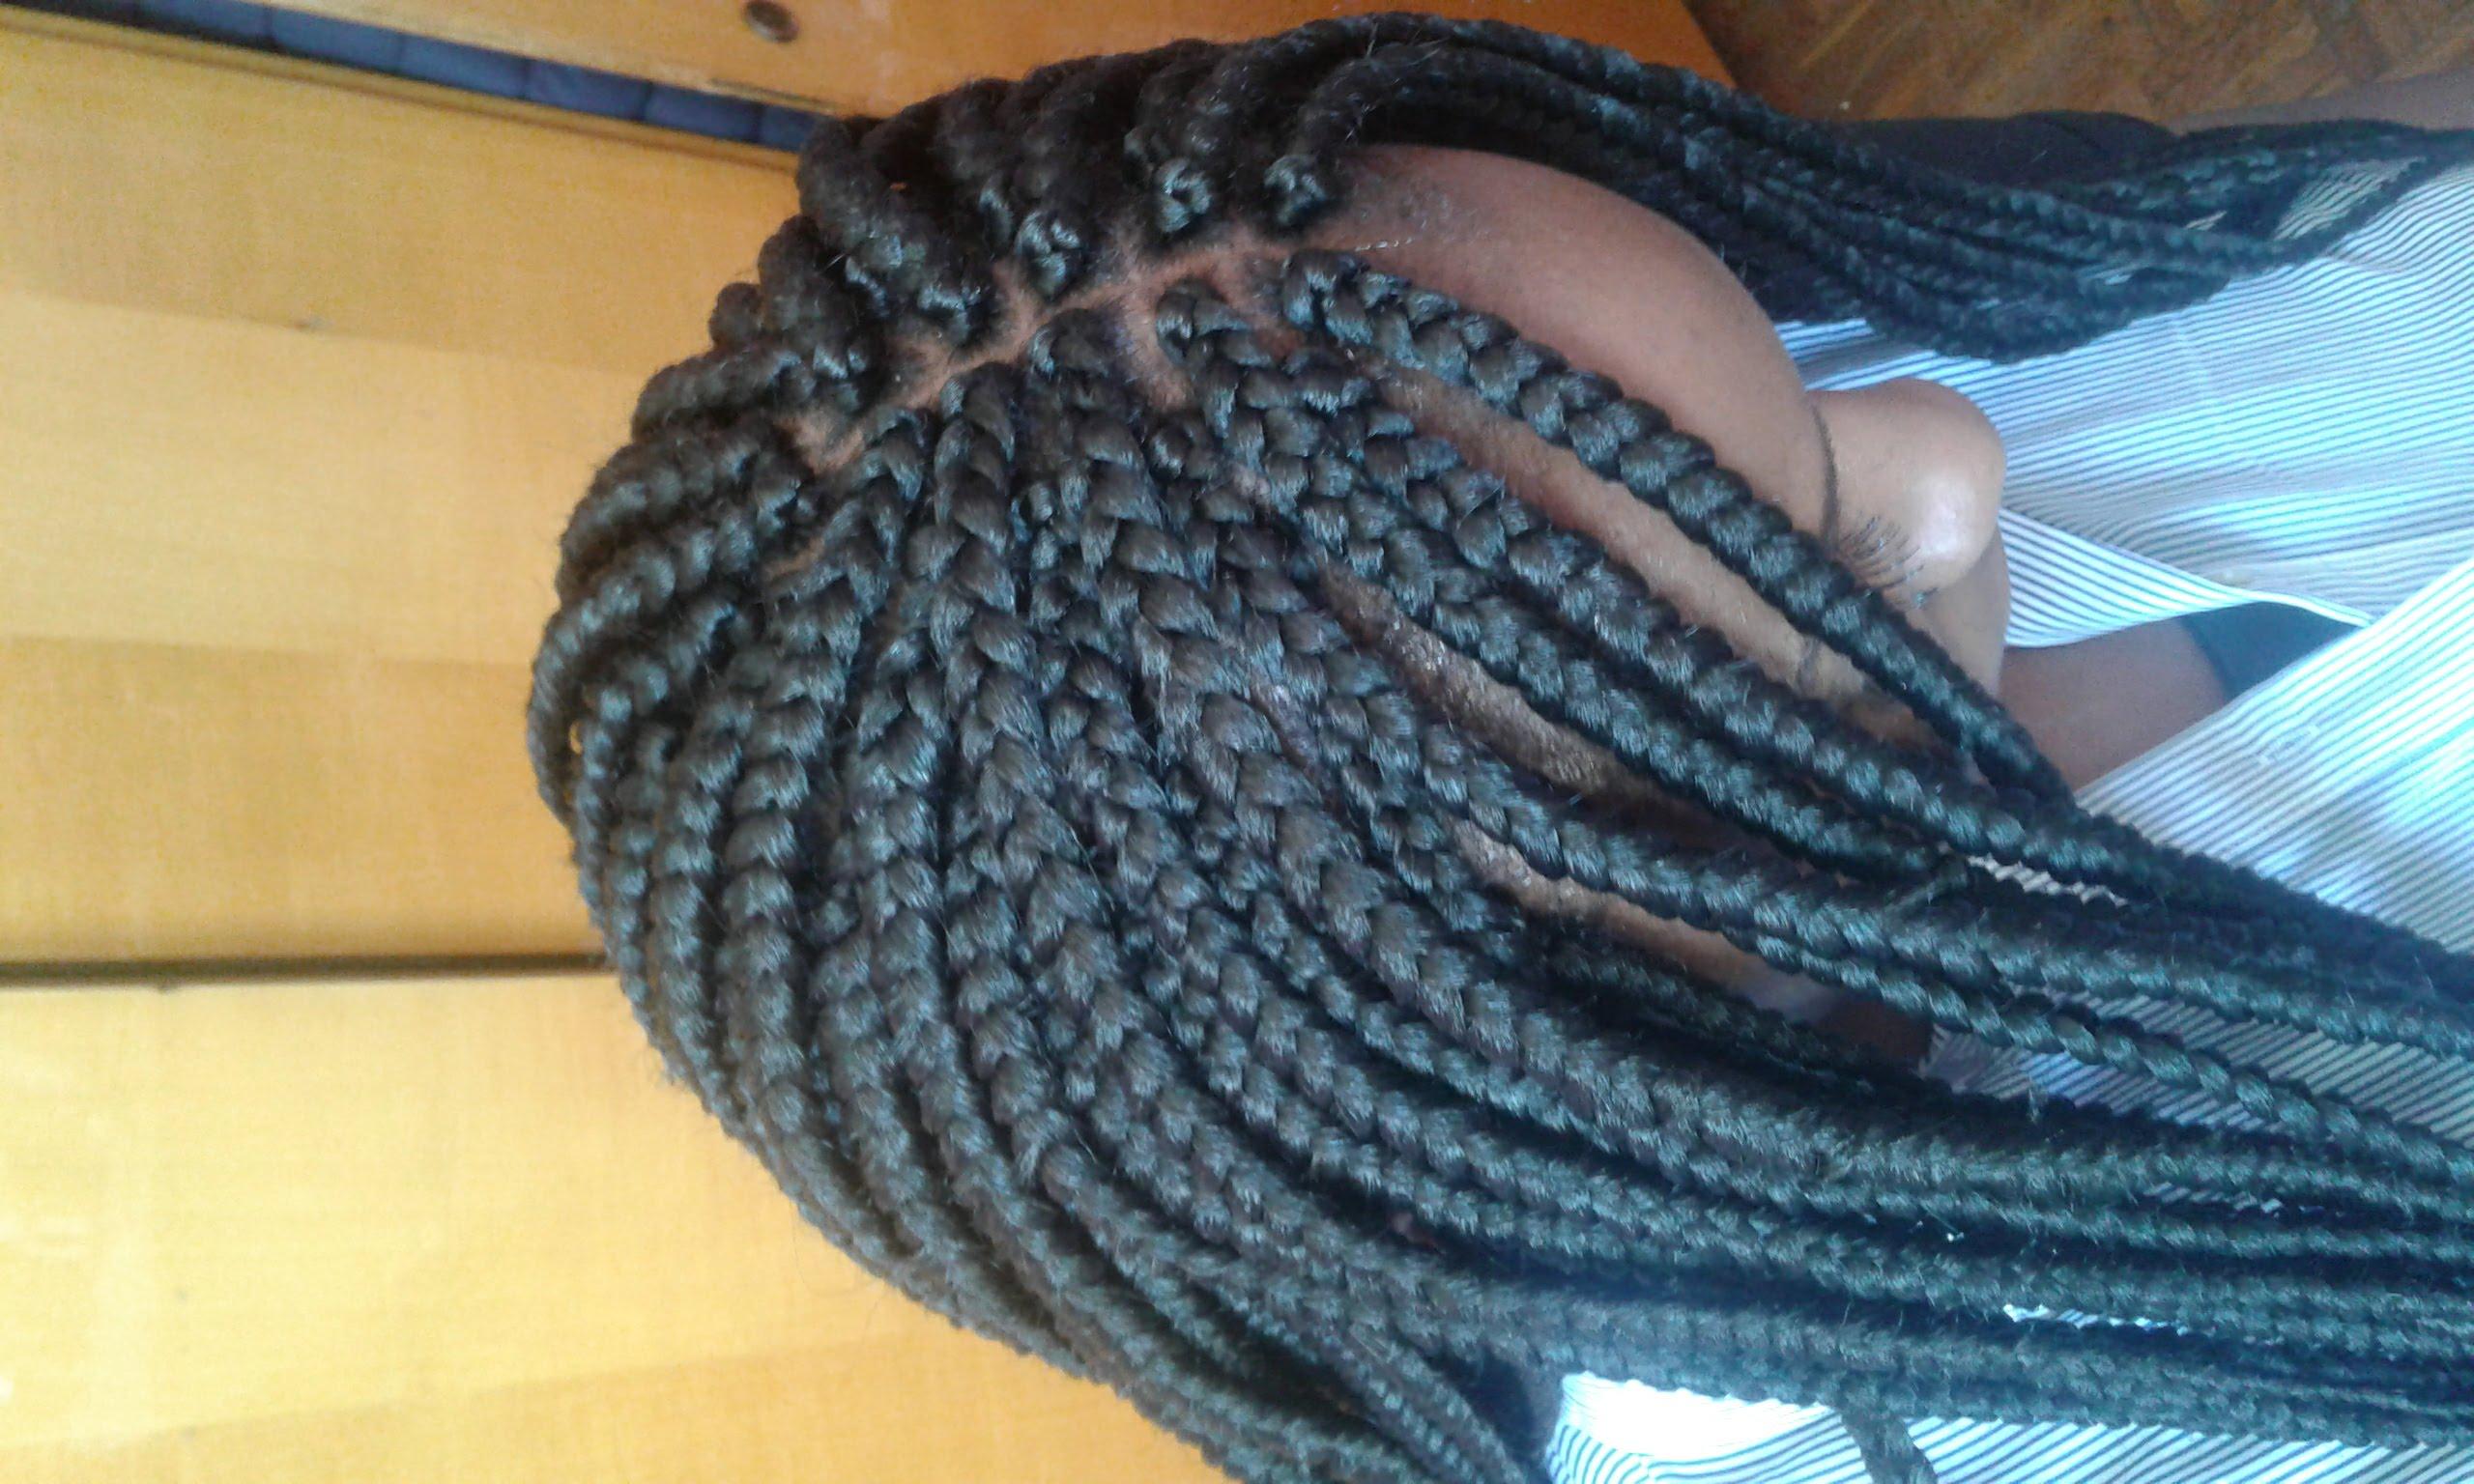 salon de coiffure afro tresse tresses box braids crochet braids vanilles tissages paris 75 77 78 91 92 93 94 95 JYZRDVBH